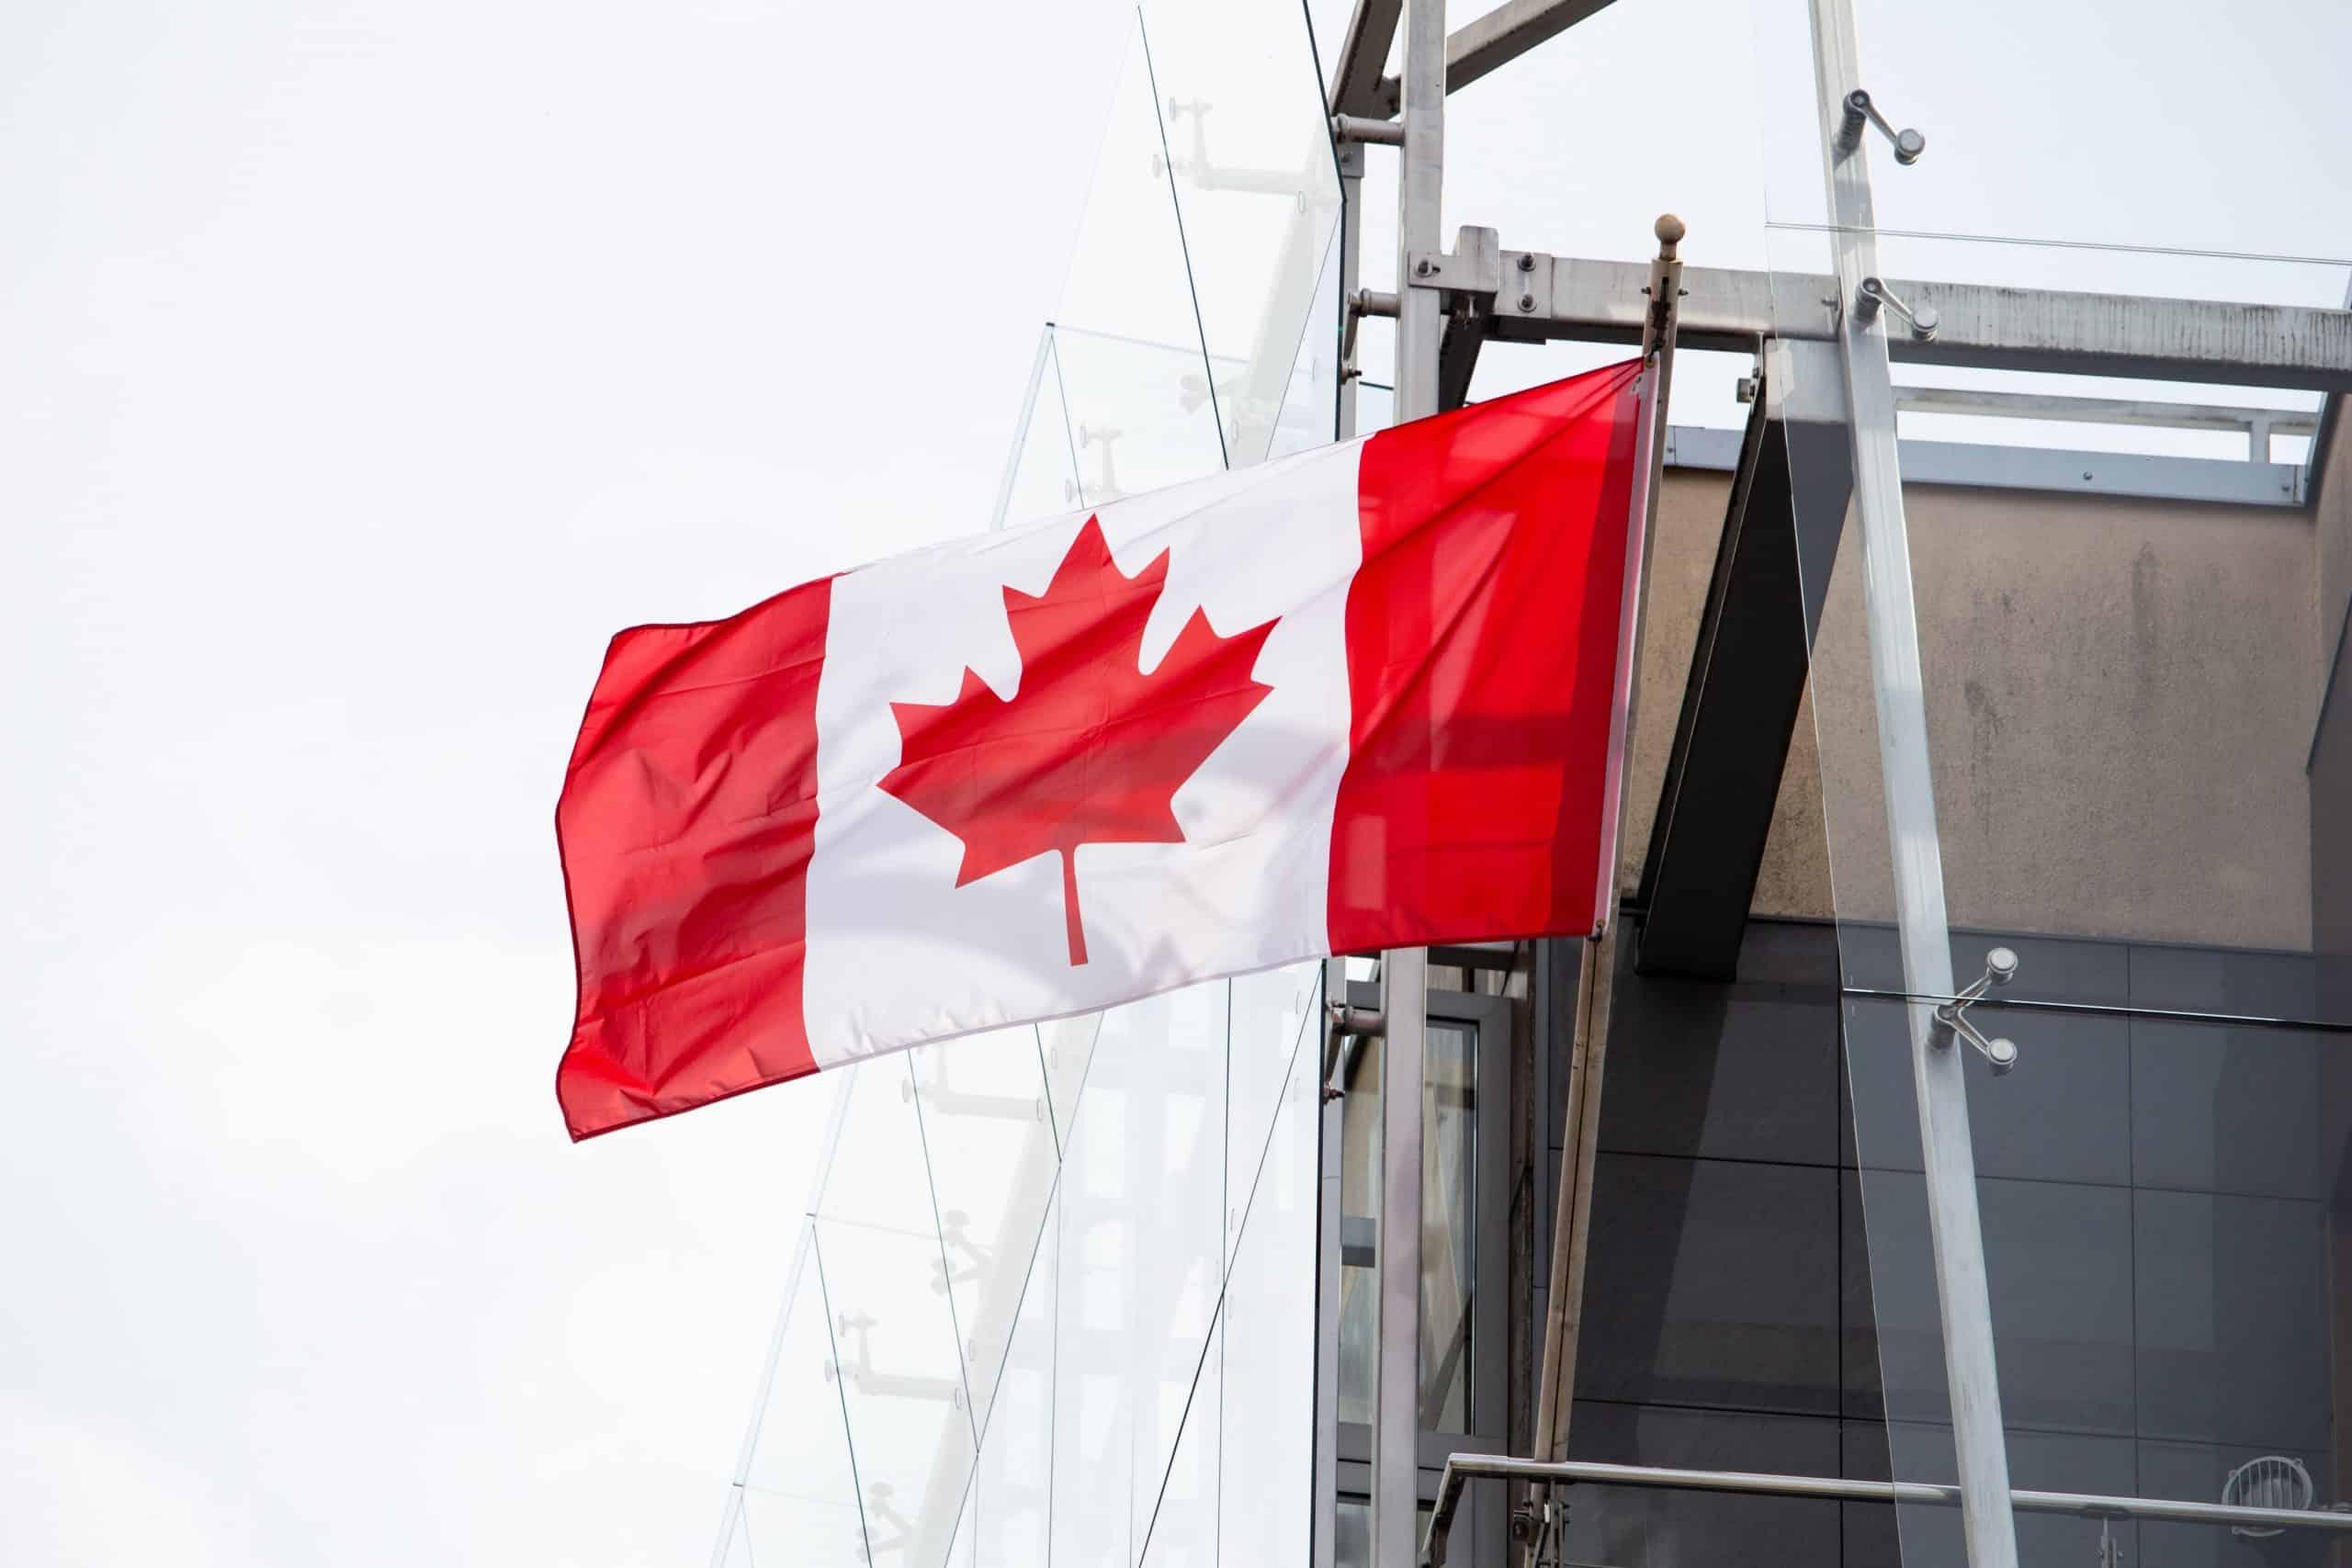 Canada : deux voyageurs écopent de lourdes amendes pour avoir montré de fausses preuves de vaccination